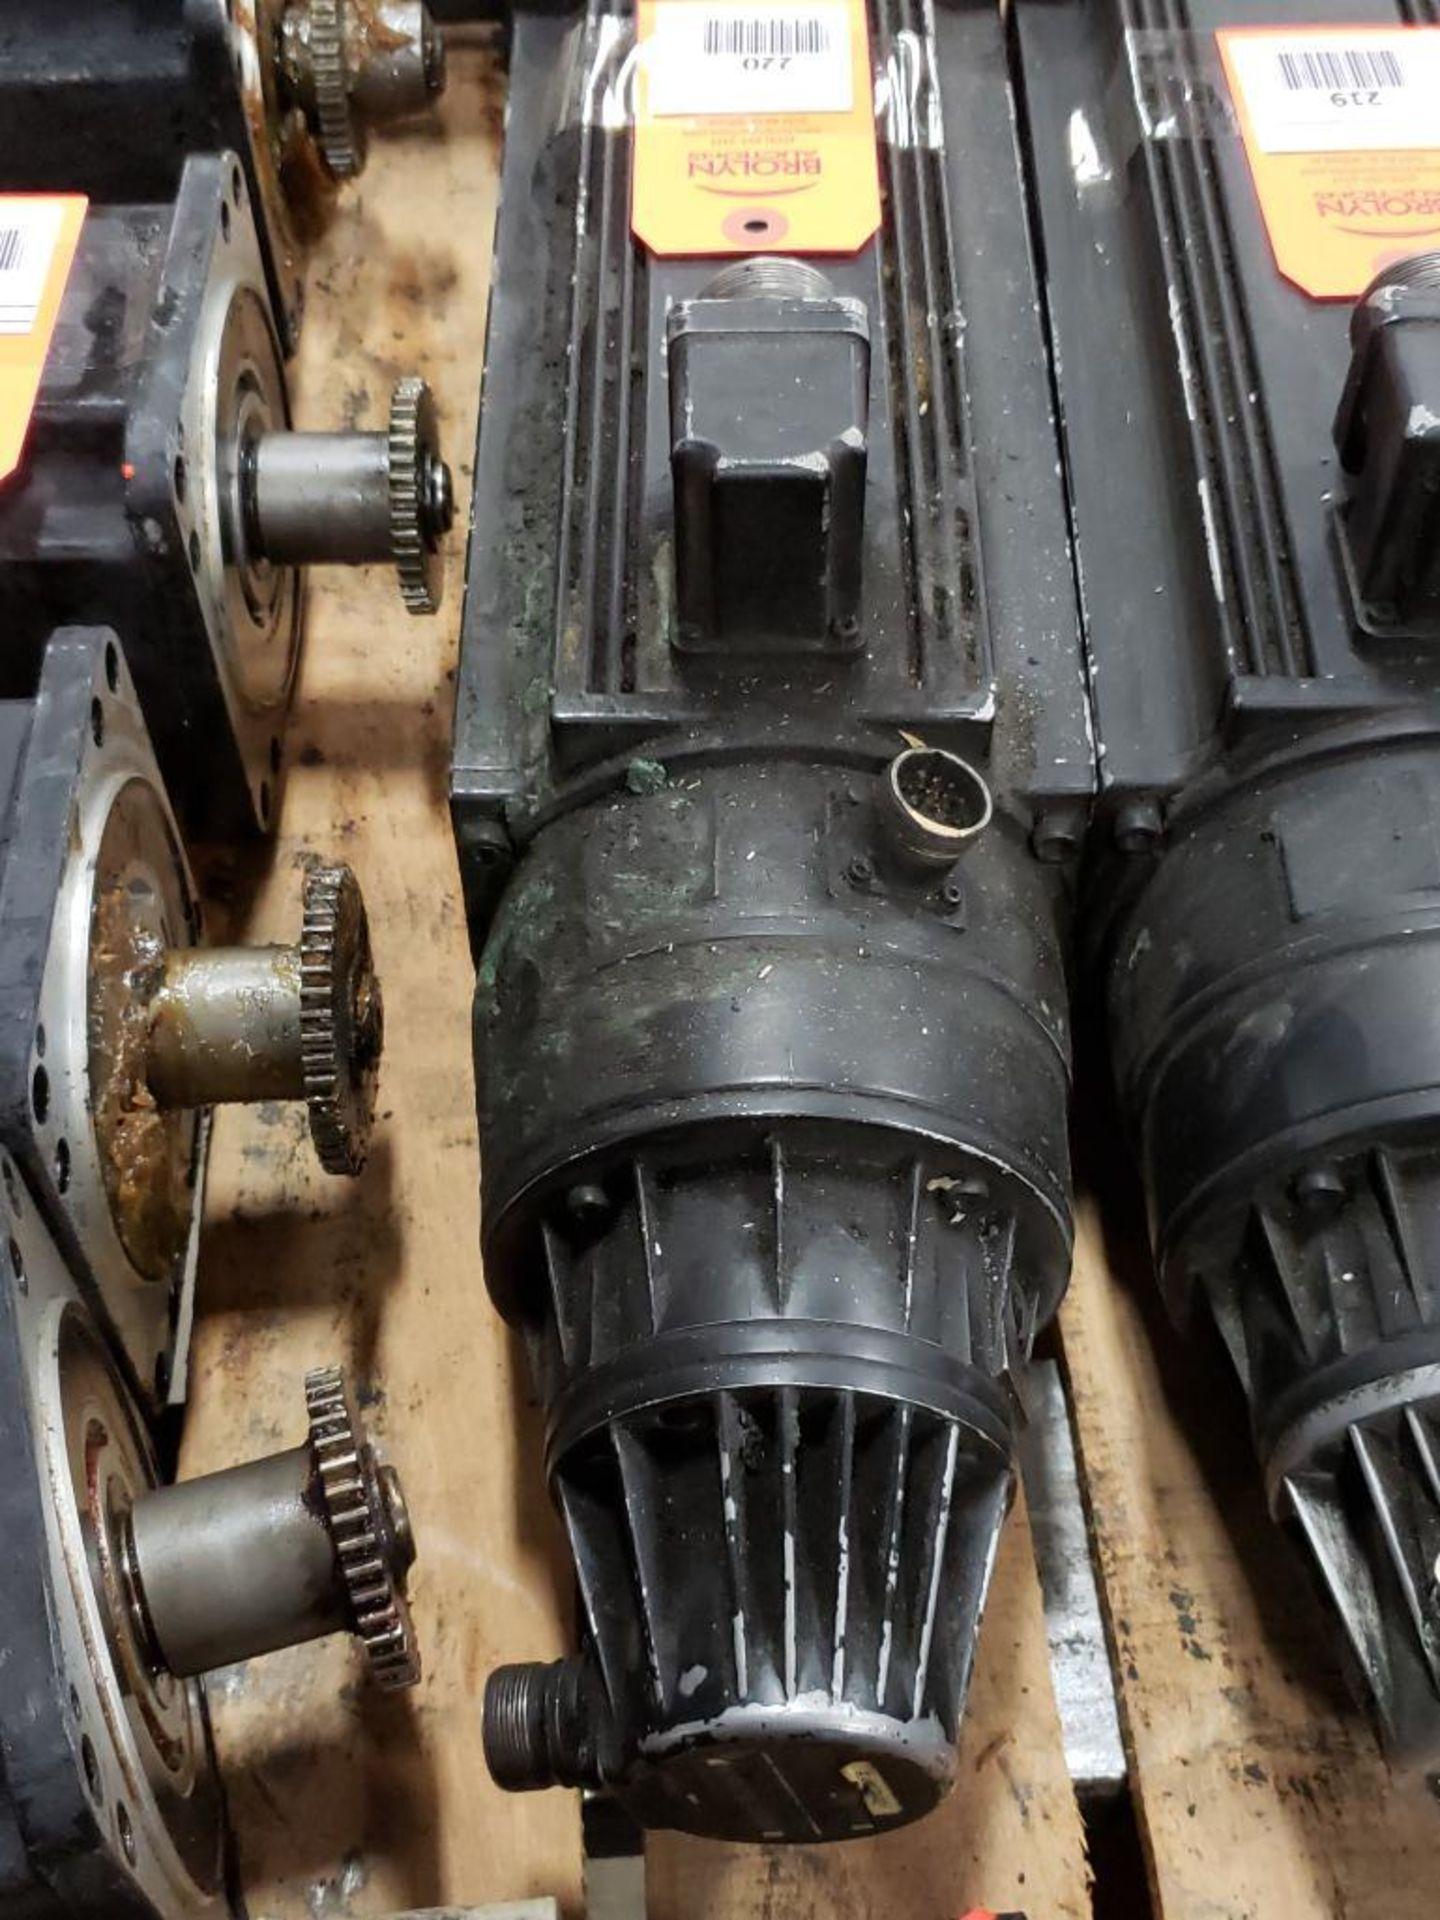 Indramat 1424039B/1250 Servo motor. Heidenhain 297.252.03 Encoder.